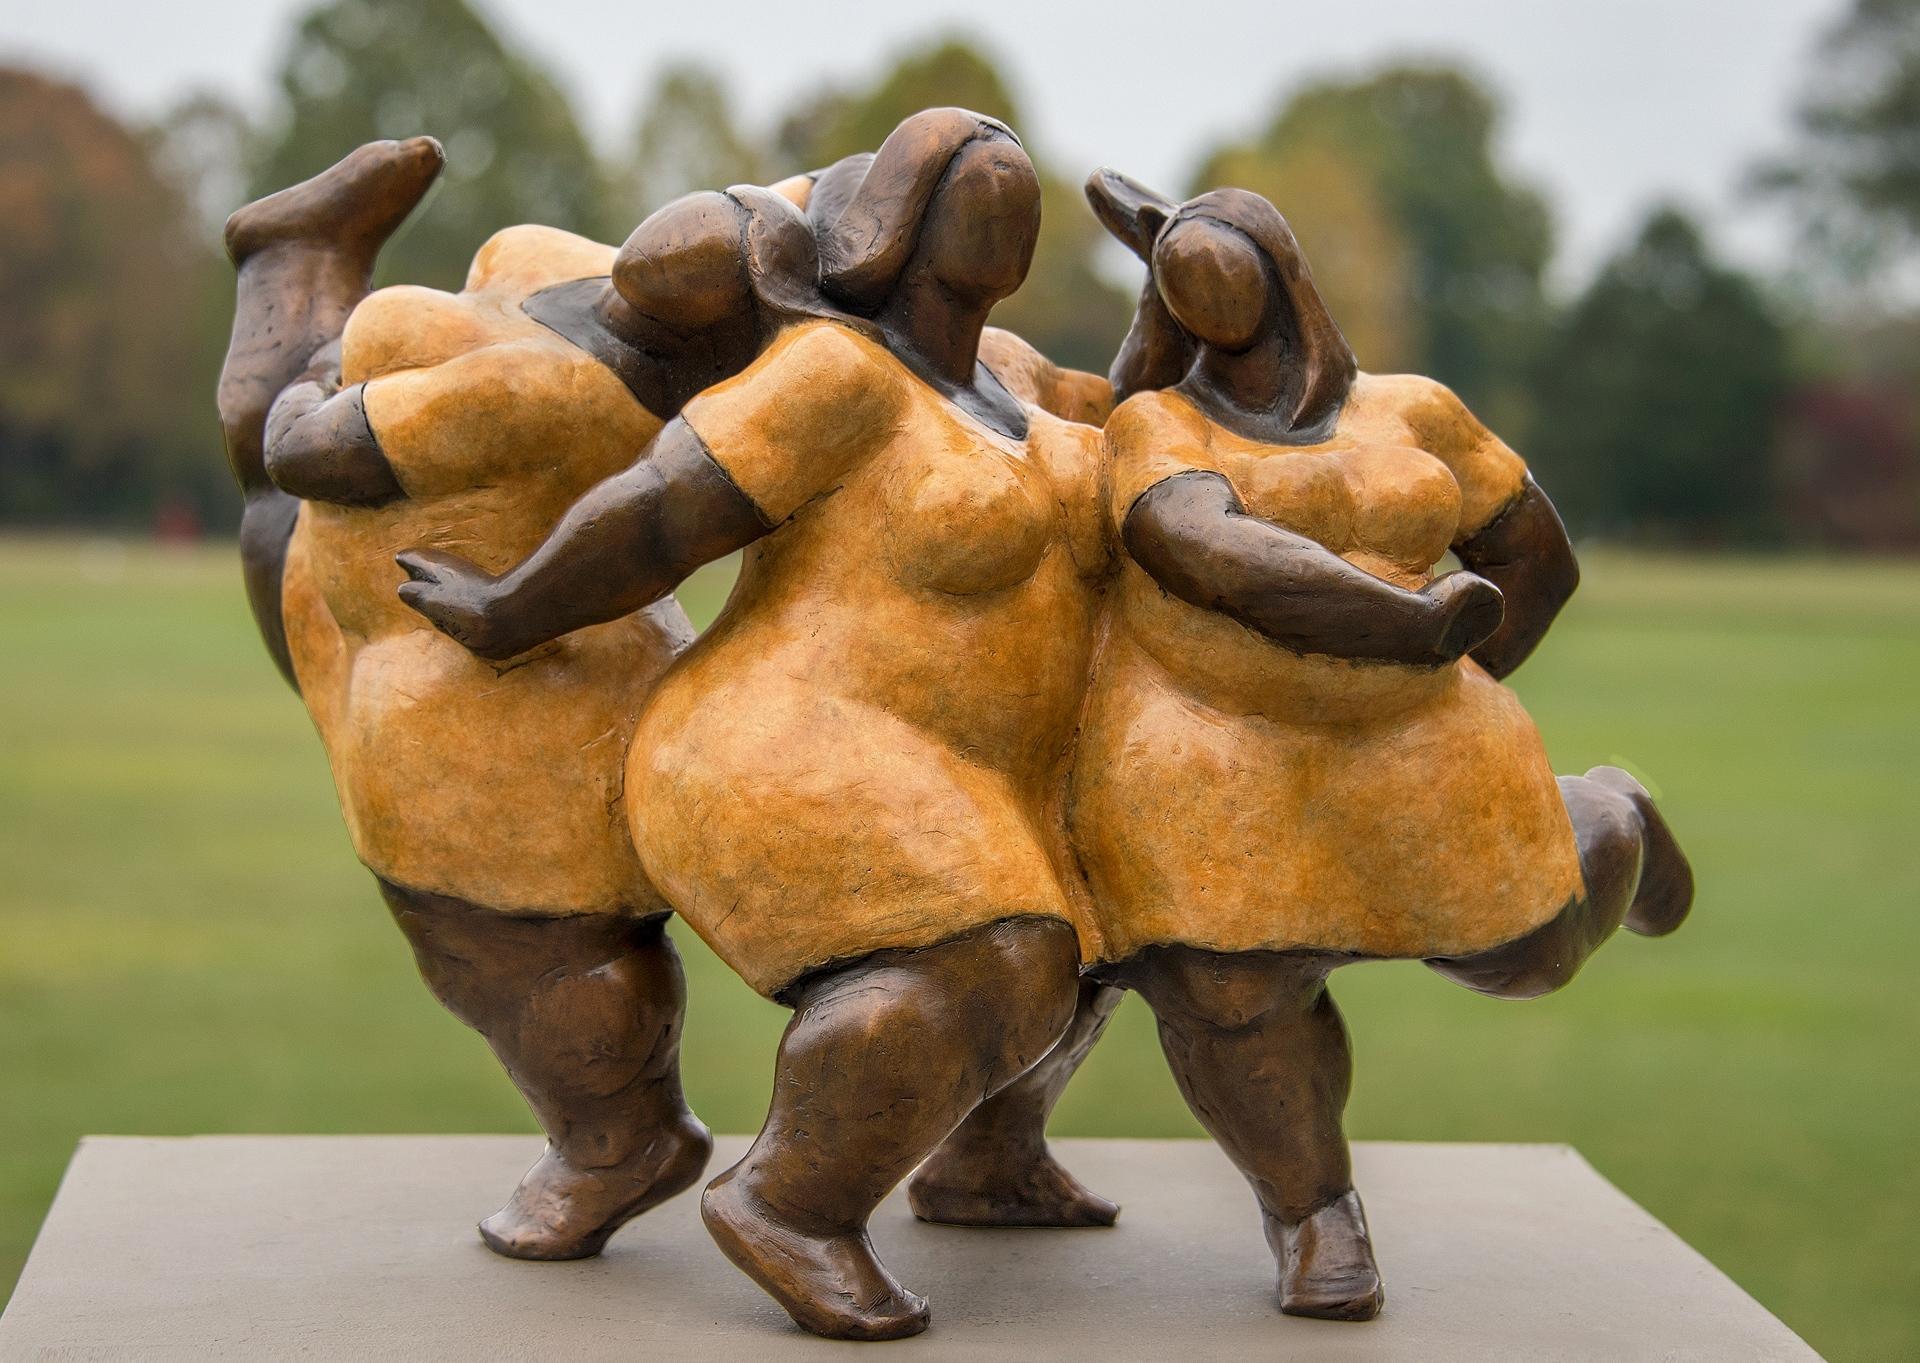 nvfaf ART - Okonkwo - sculpture